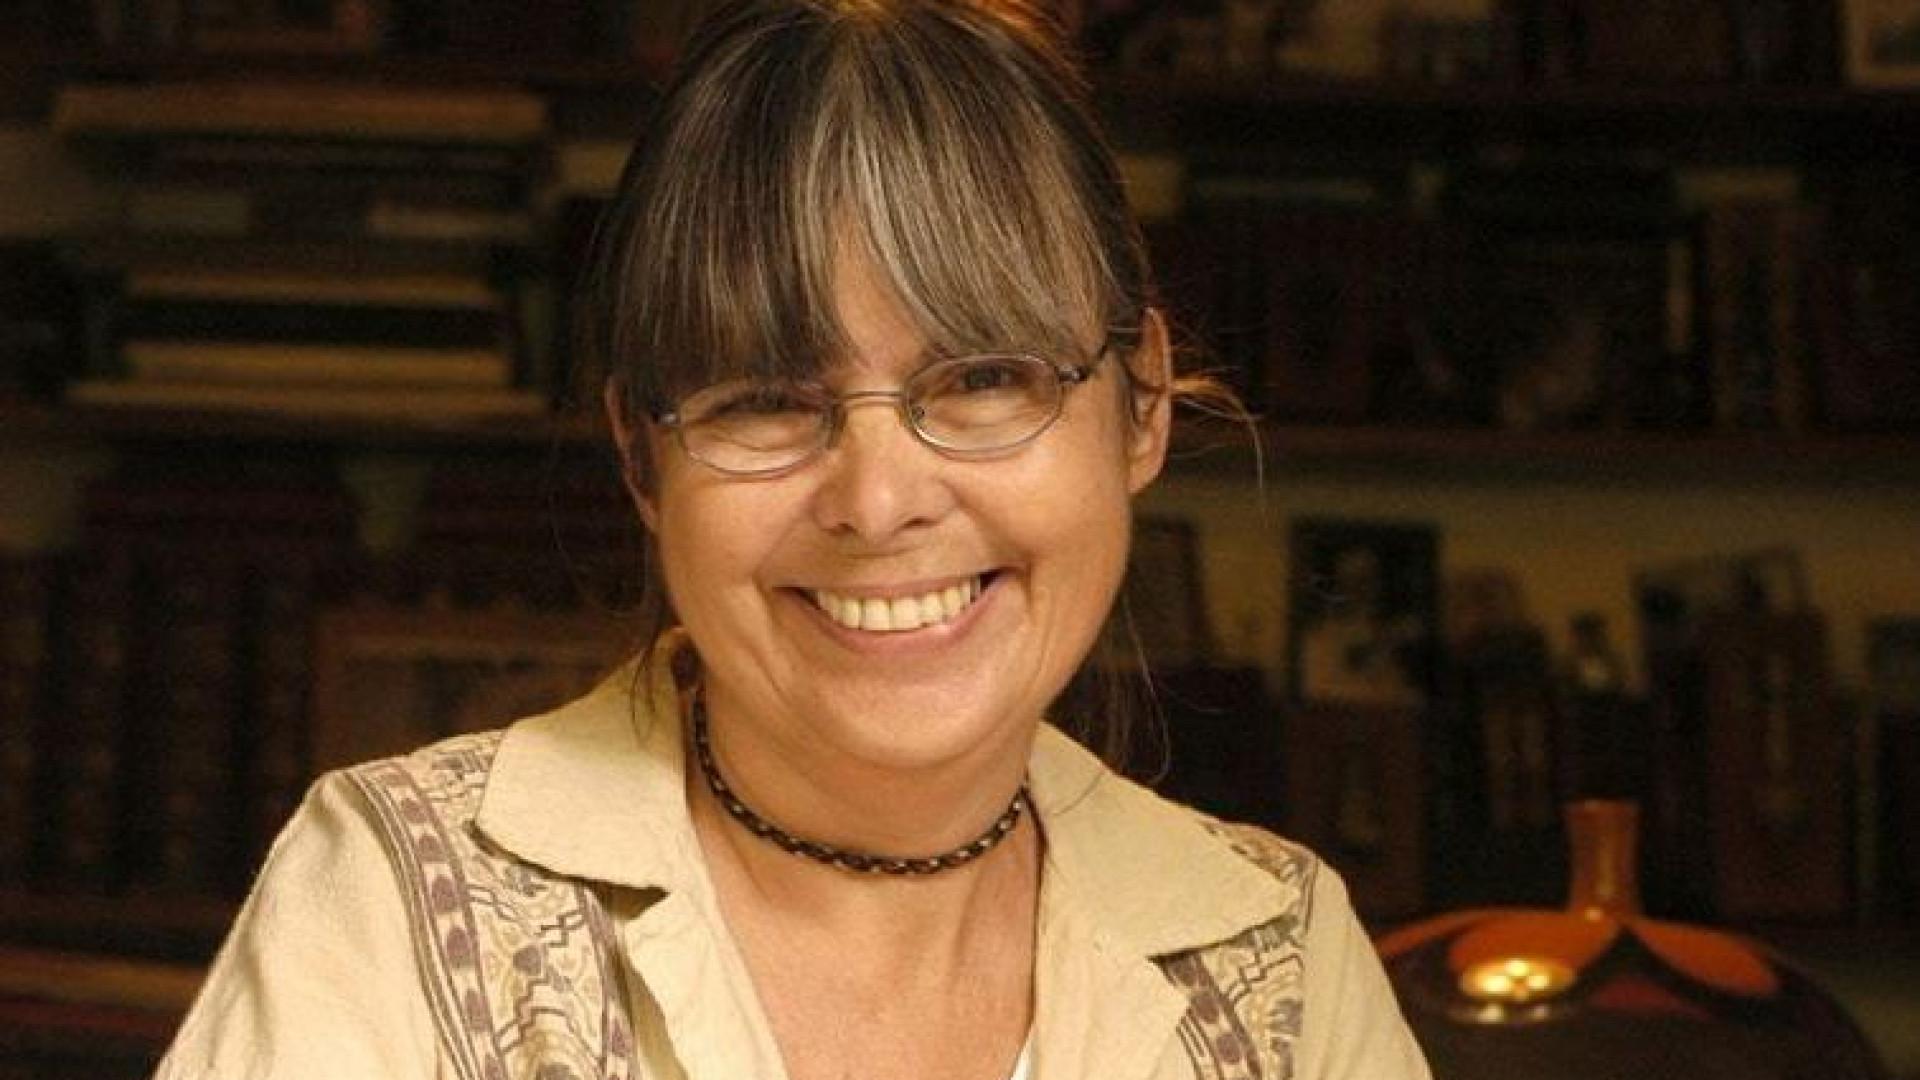 Graciela Montes vence prémio ibero-americano de livro infanto-juvenil